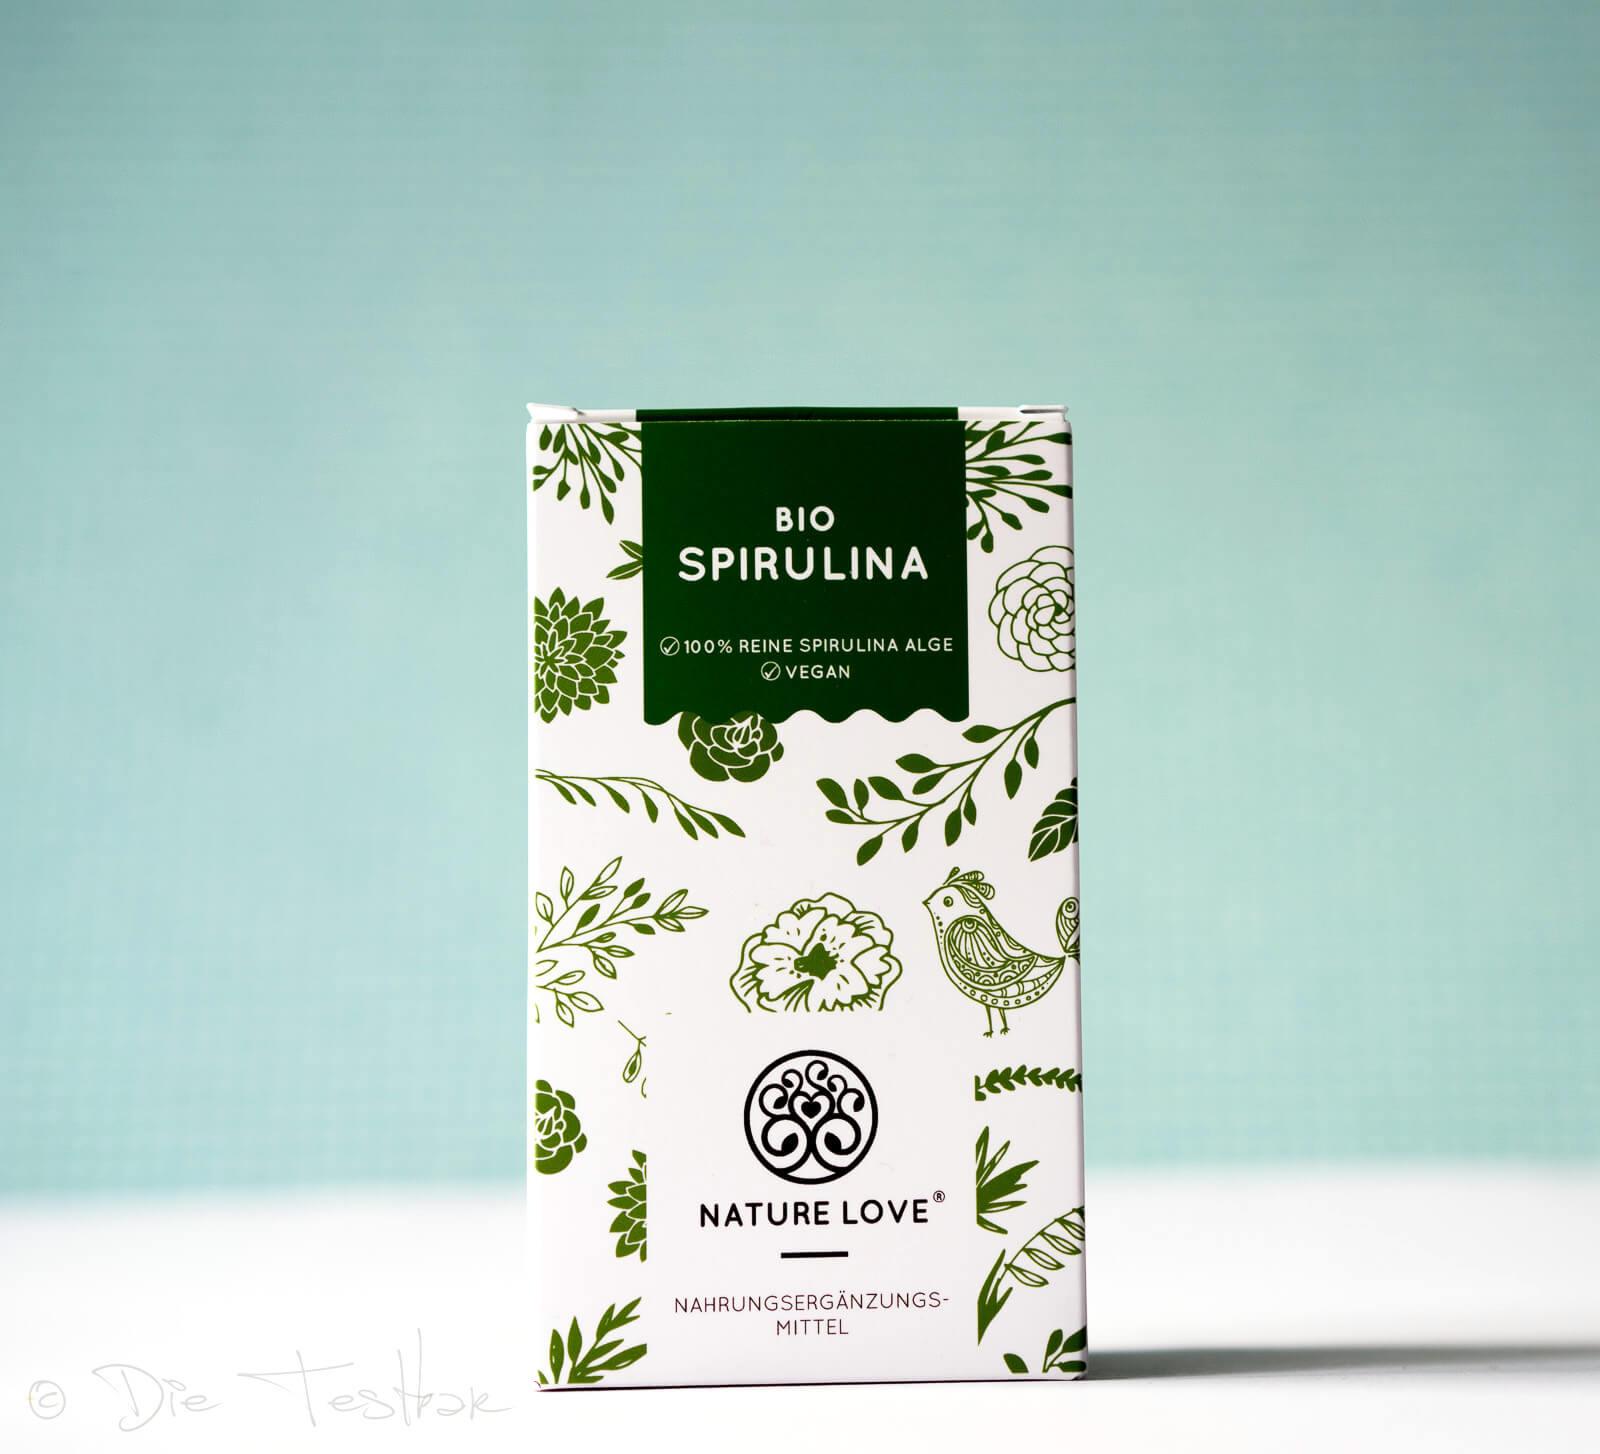 Bio-Spirulina - Presslinge aus 100% reinen Bio-Spirulina-Algen von Nature Love